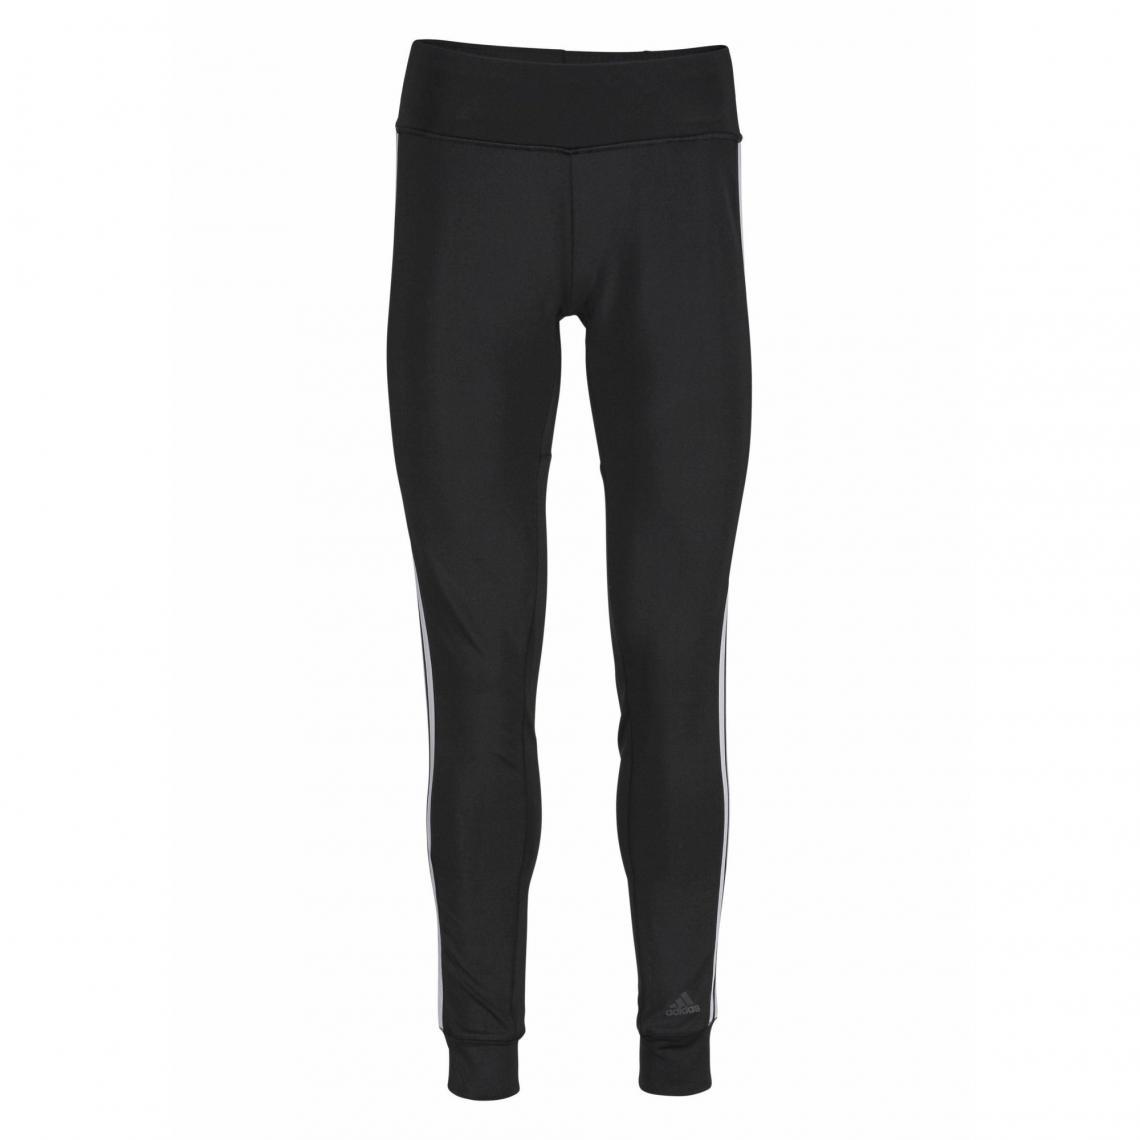 Pantalon de survêtement femme Climalite® D2M 3-Stripes adidas Performance - Noir  Adidas Performance 1c13d90a28d